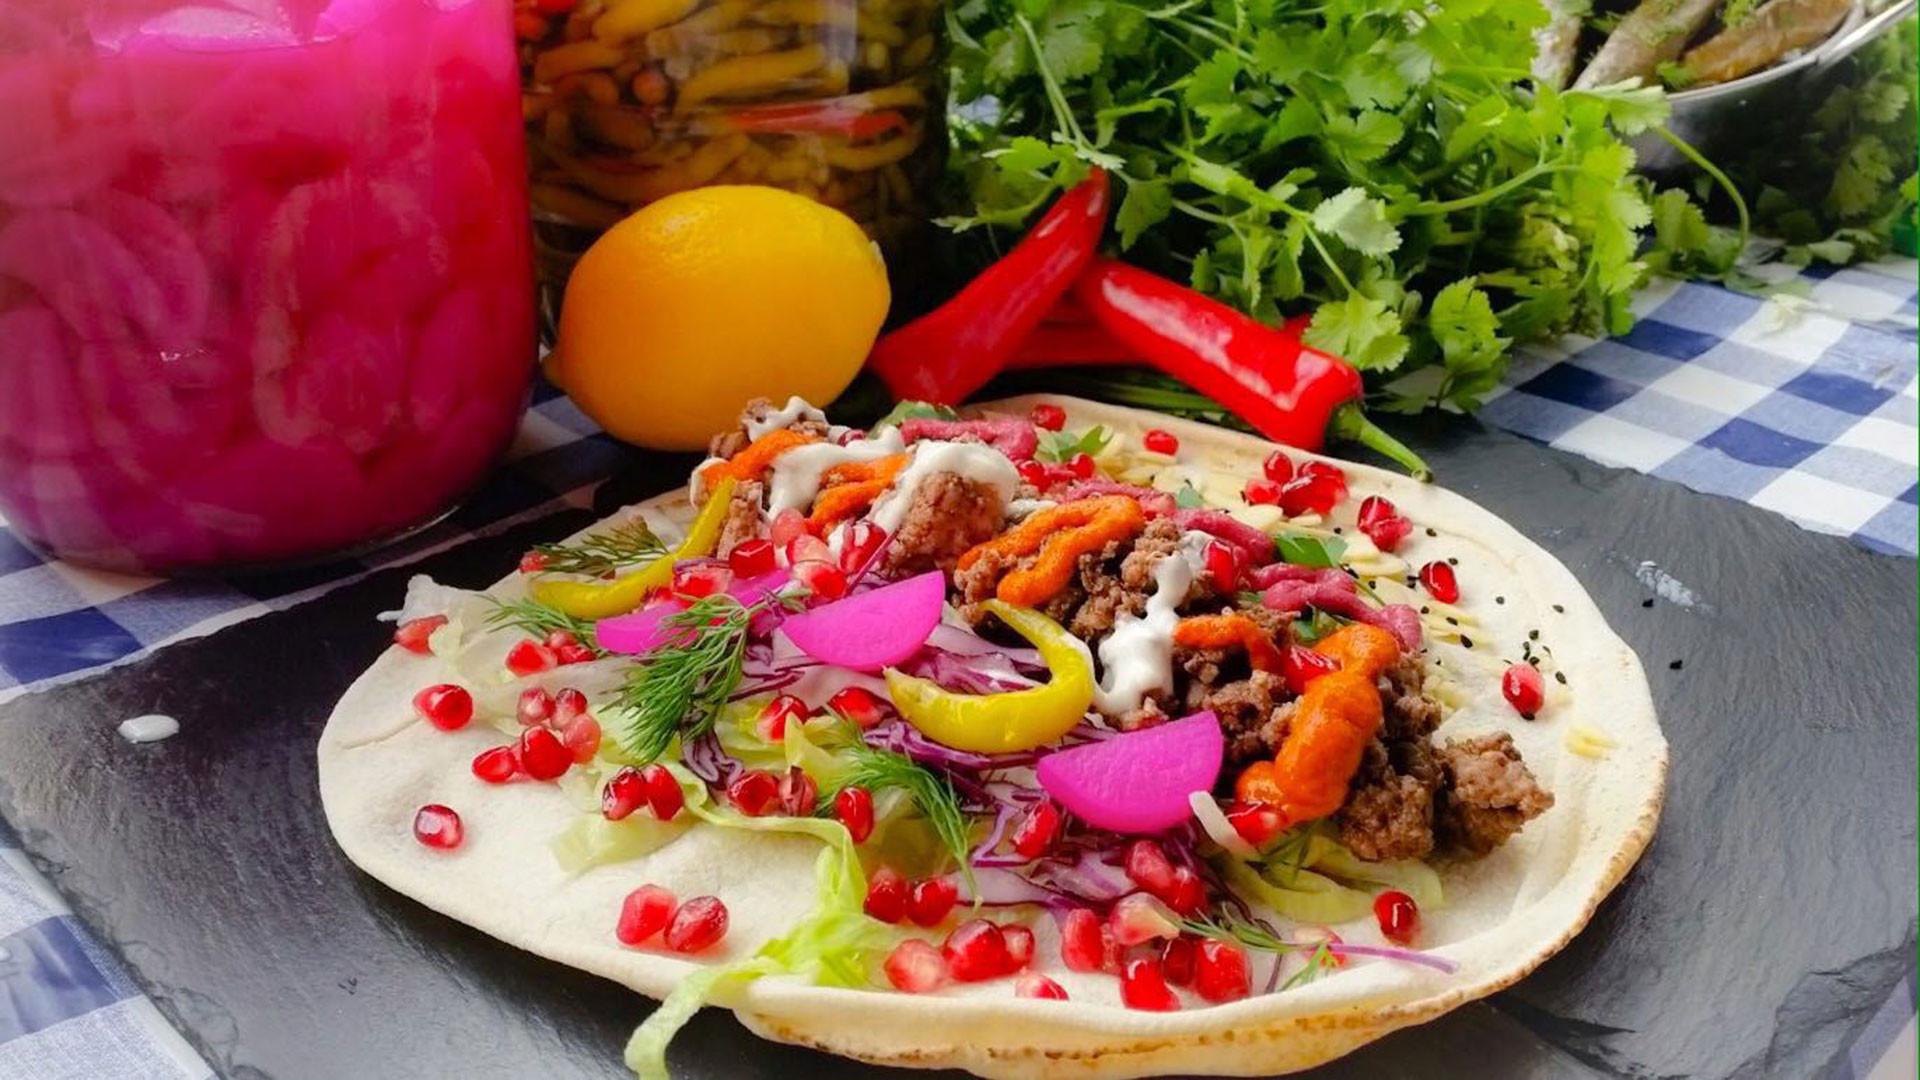 Healthy wraps from La Cocinita